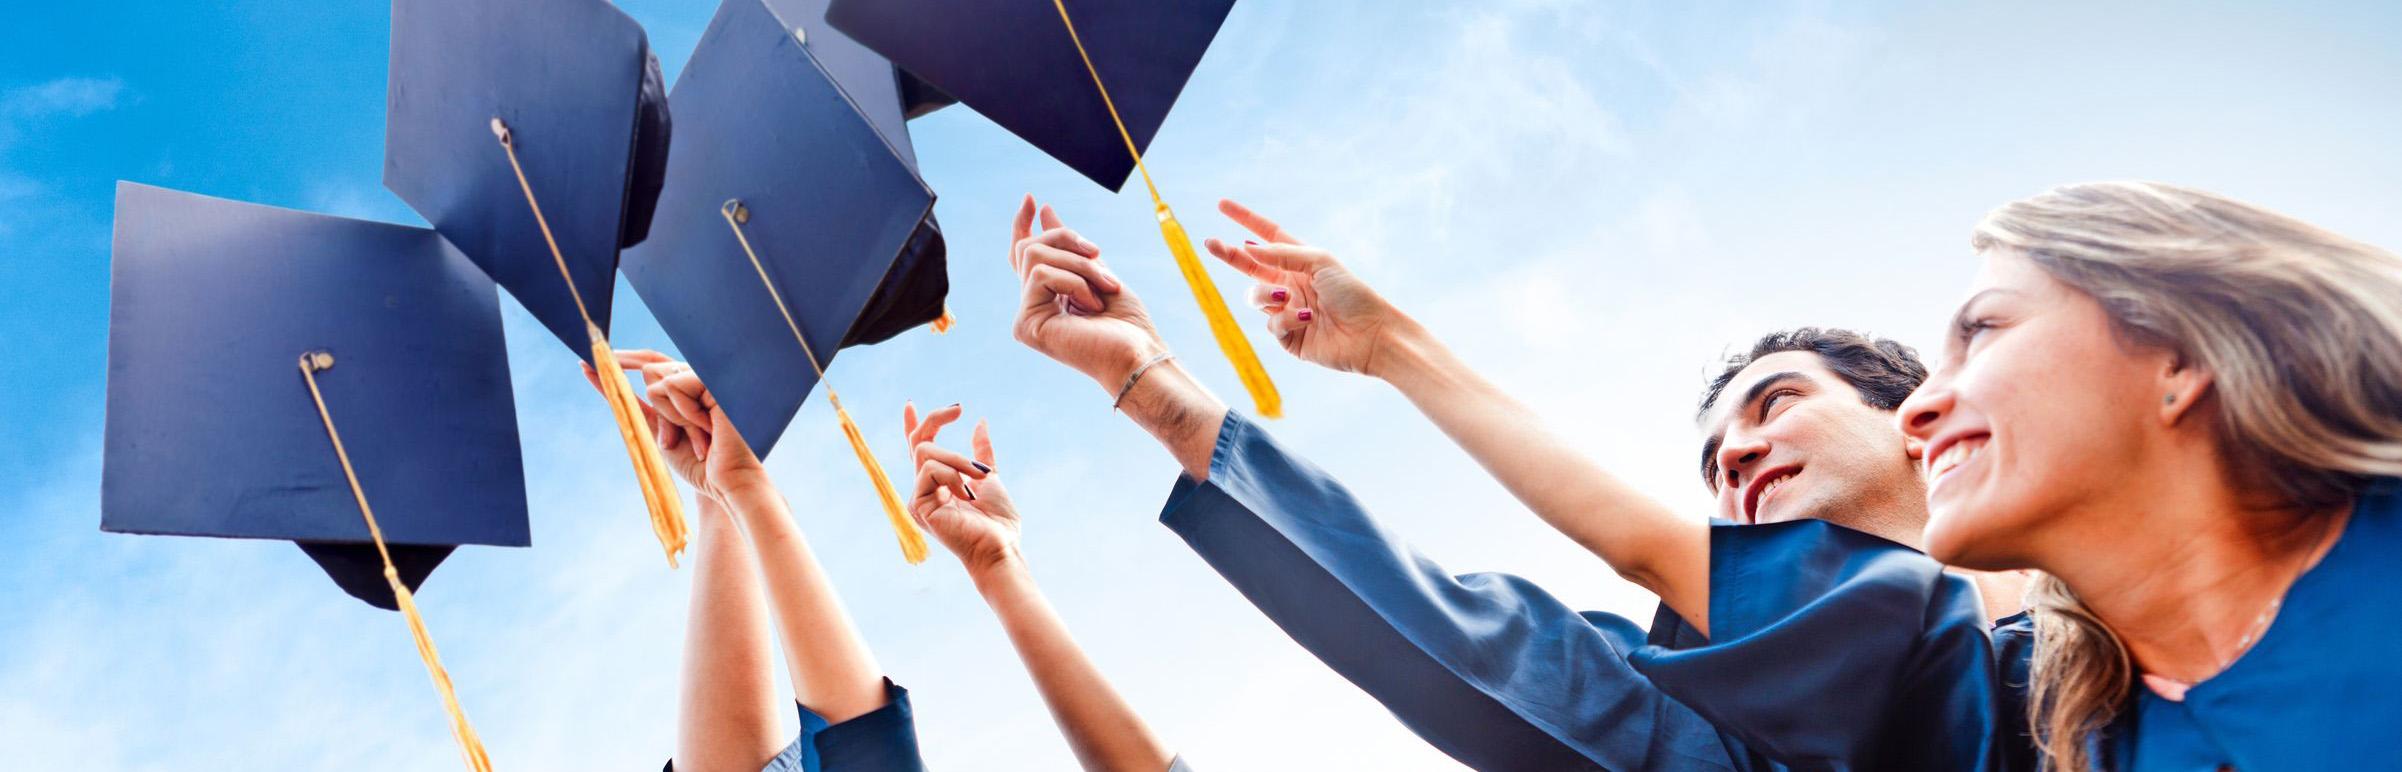 L'Università di Pavia promuove collaborazioni strategiche per la formazione finanziate con Fondi Europei